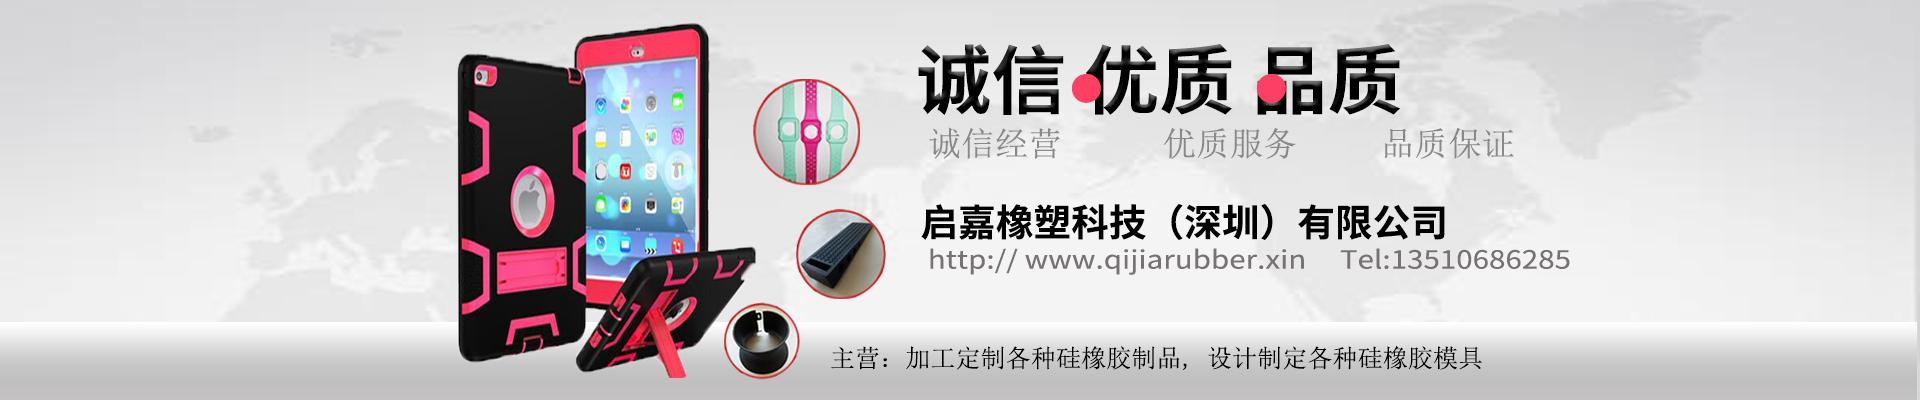 启嘉橡塑科技(深圳)有限公司